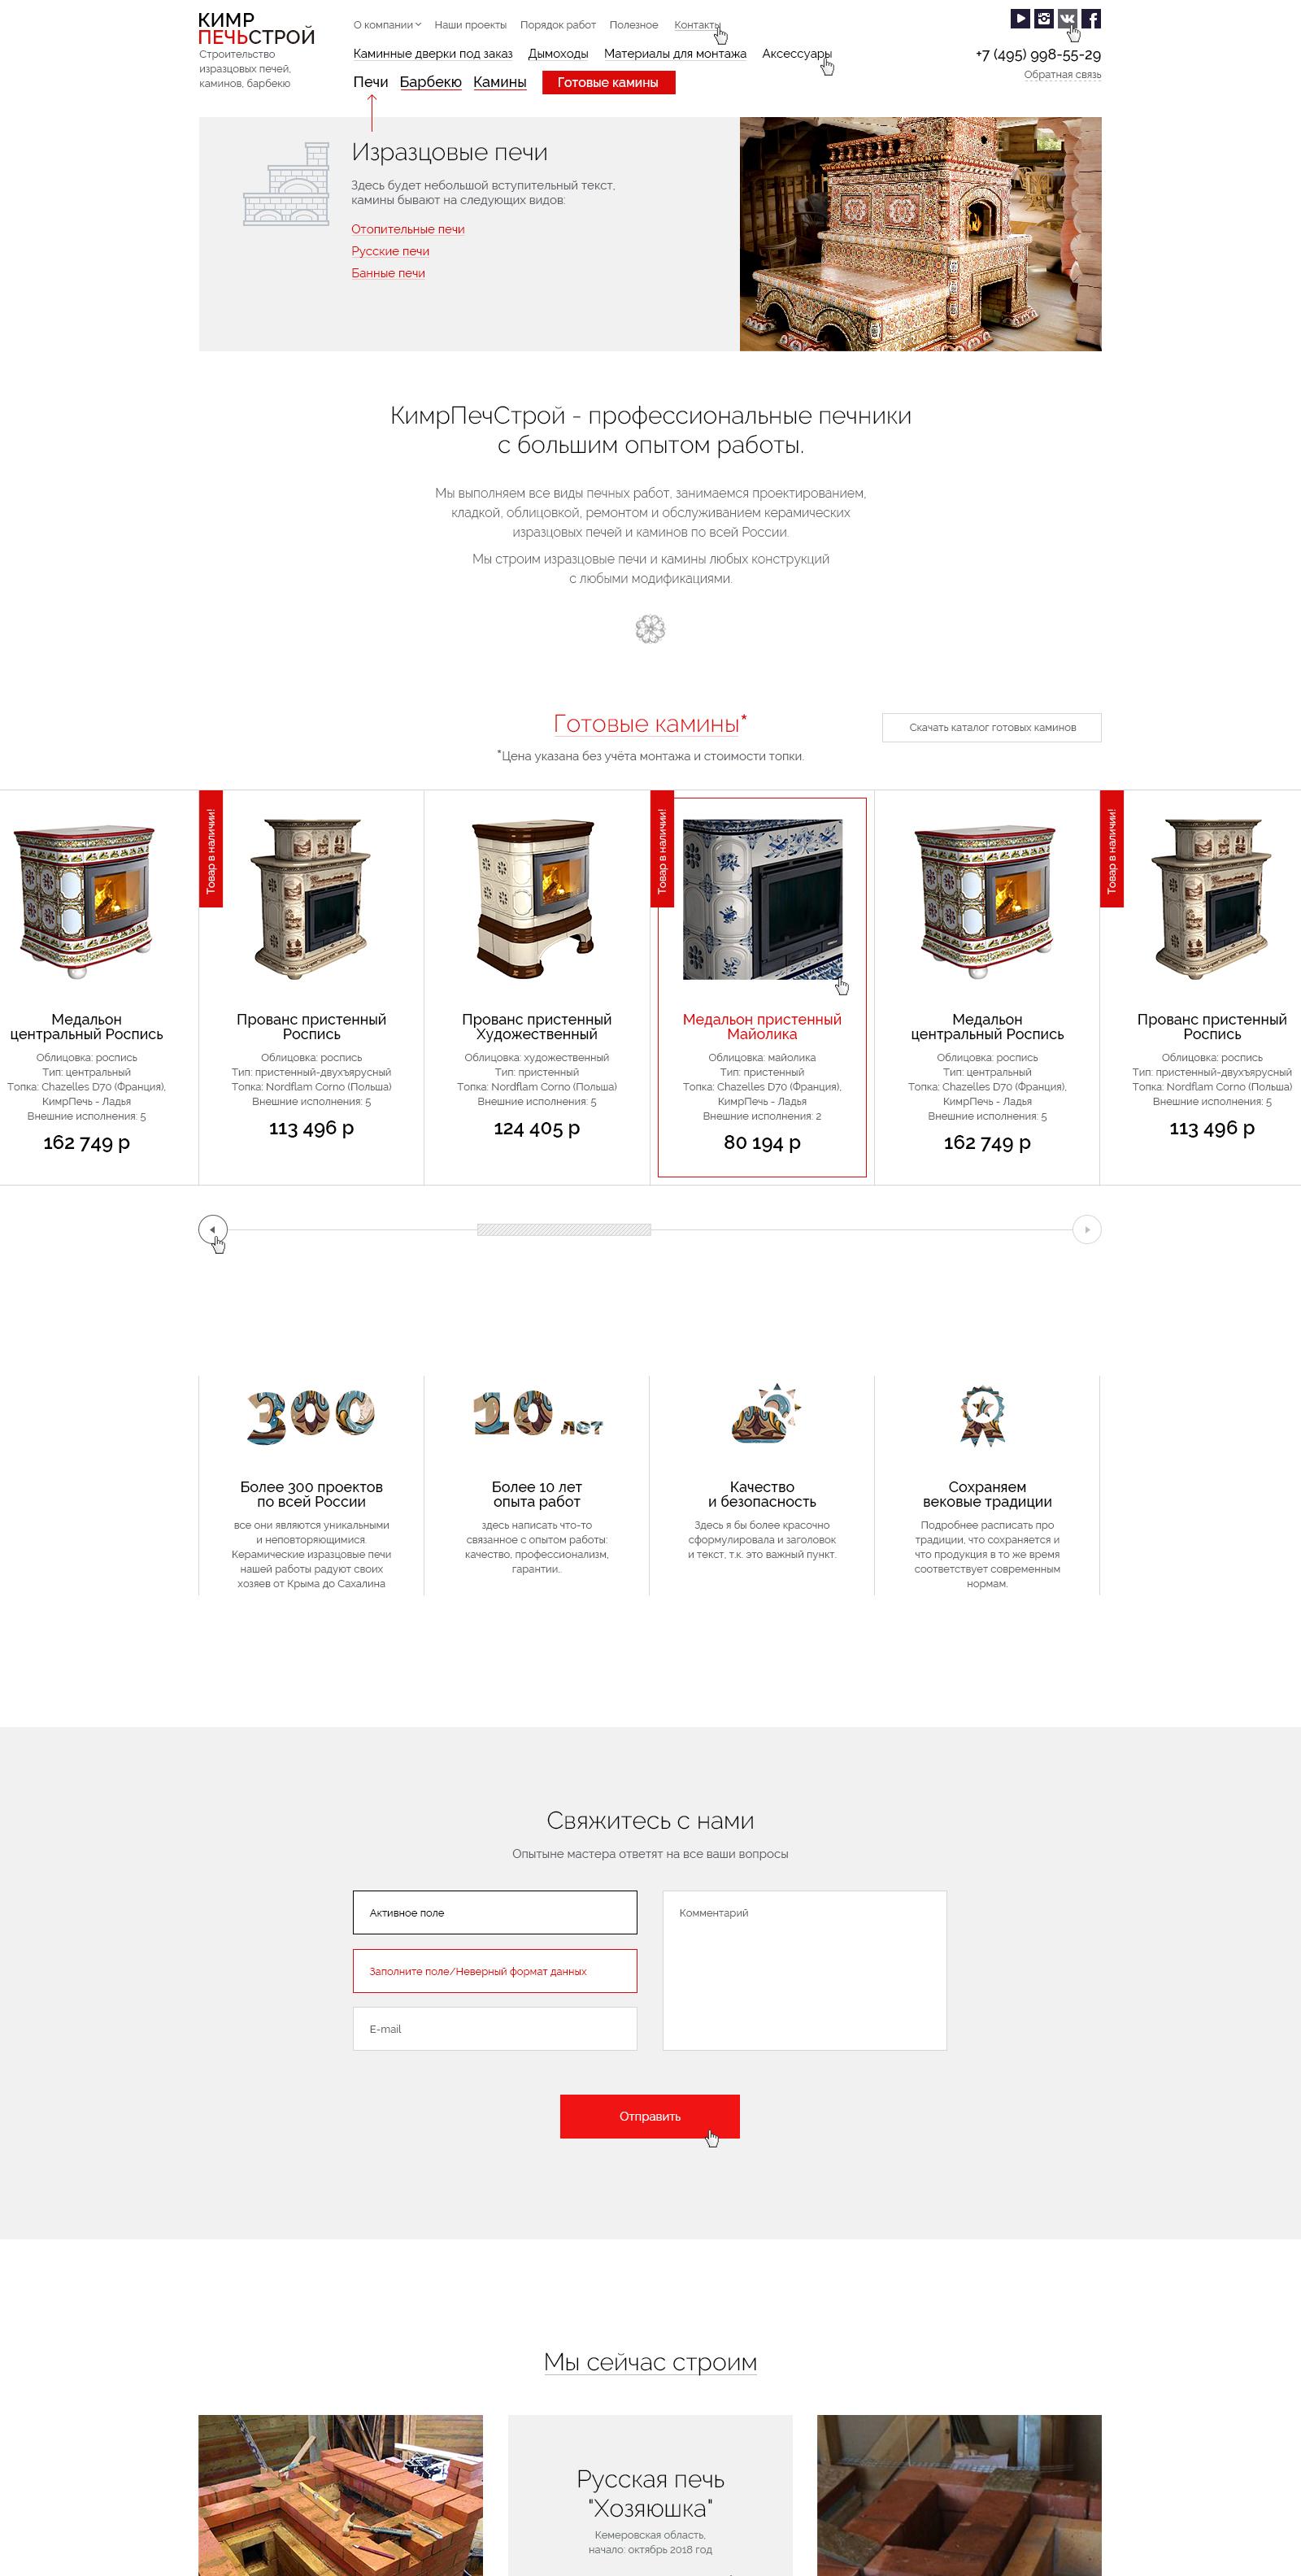 Редизайн сайта КимрПечьСтрой